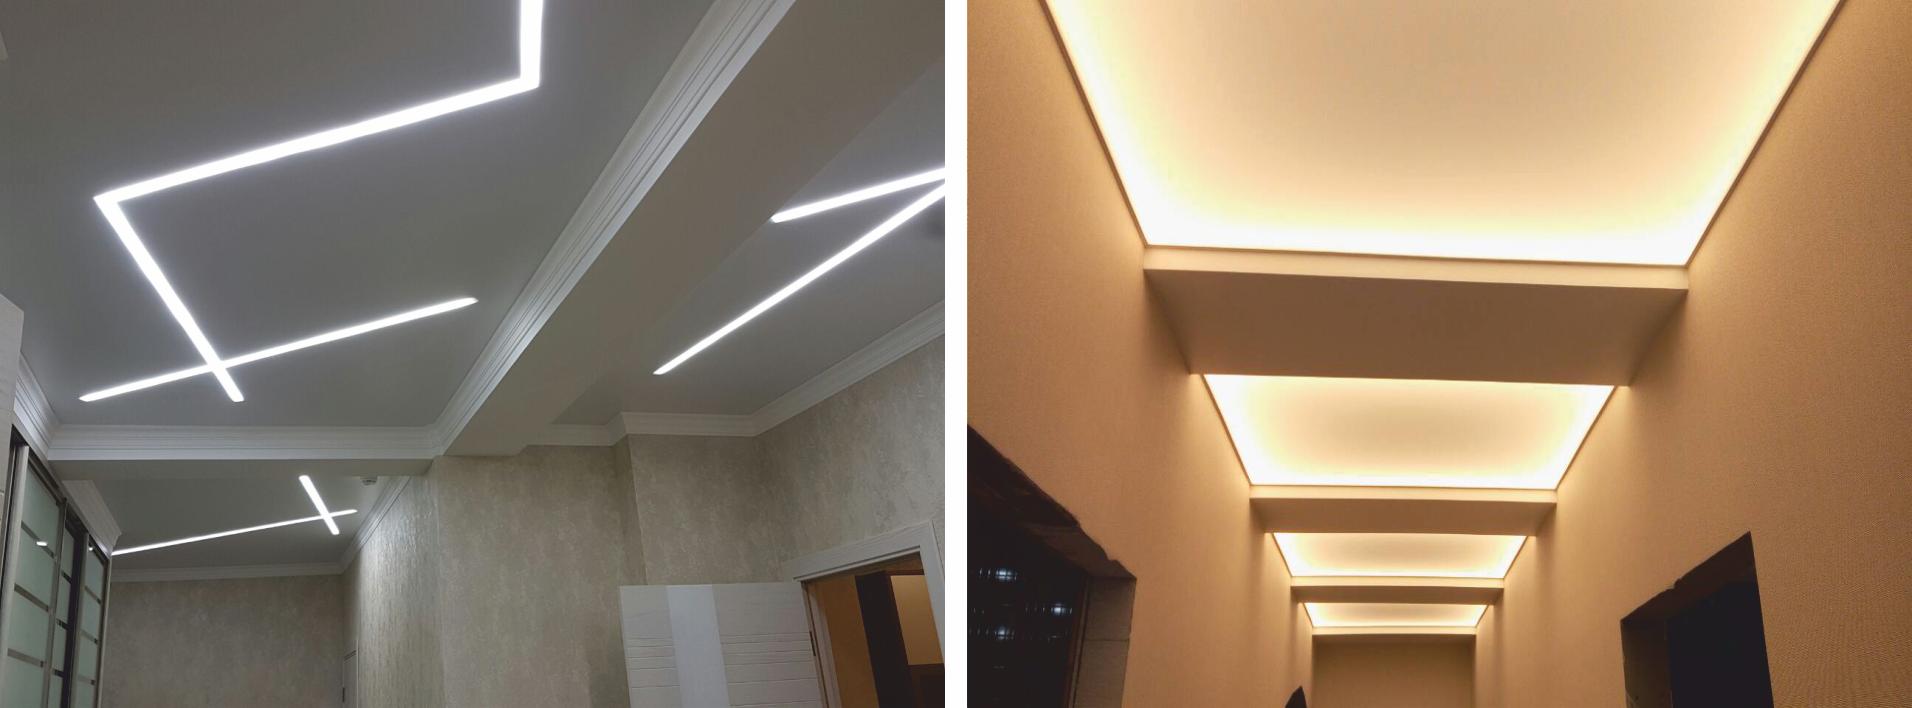 Парящие линии для натяжных потолков и профили: цена и фото с подсветкой изнутри, работа